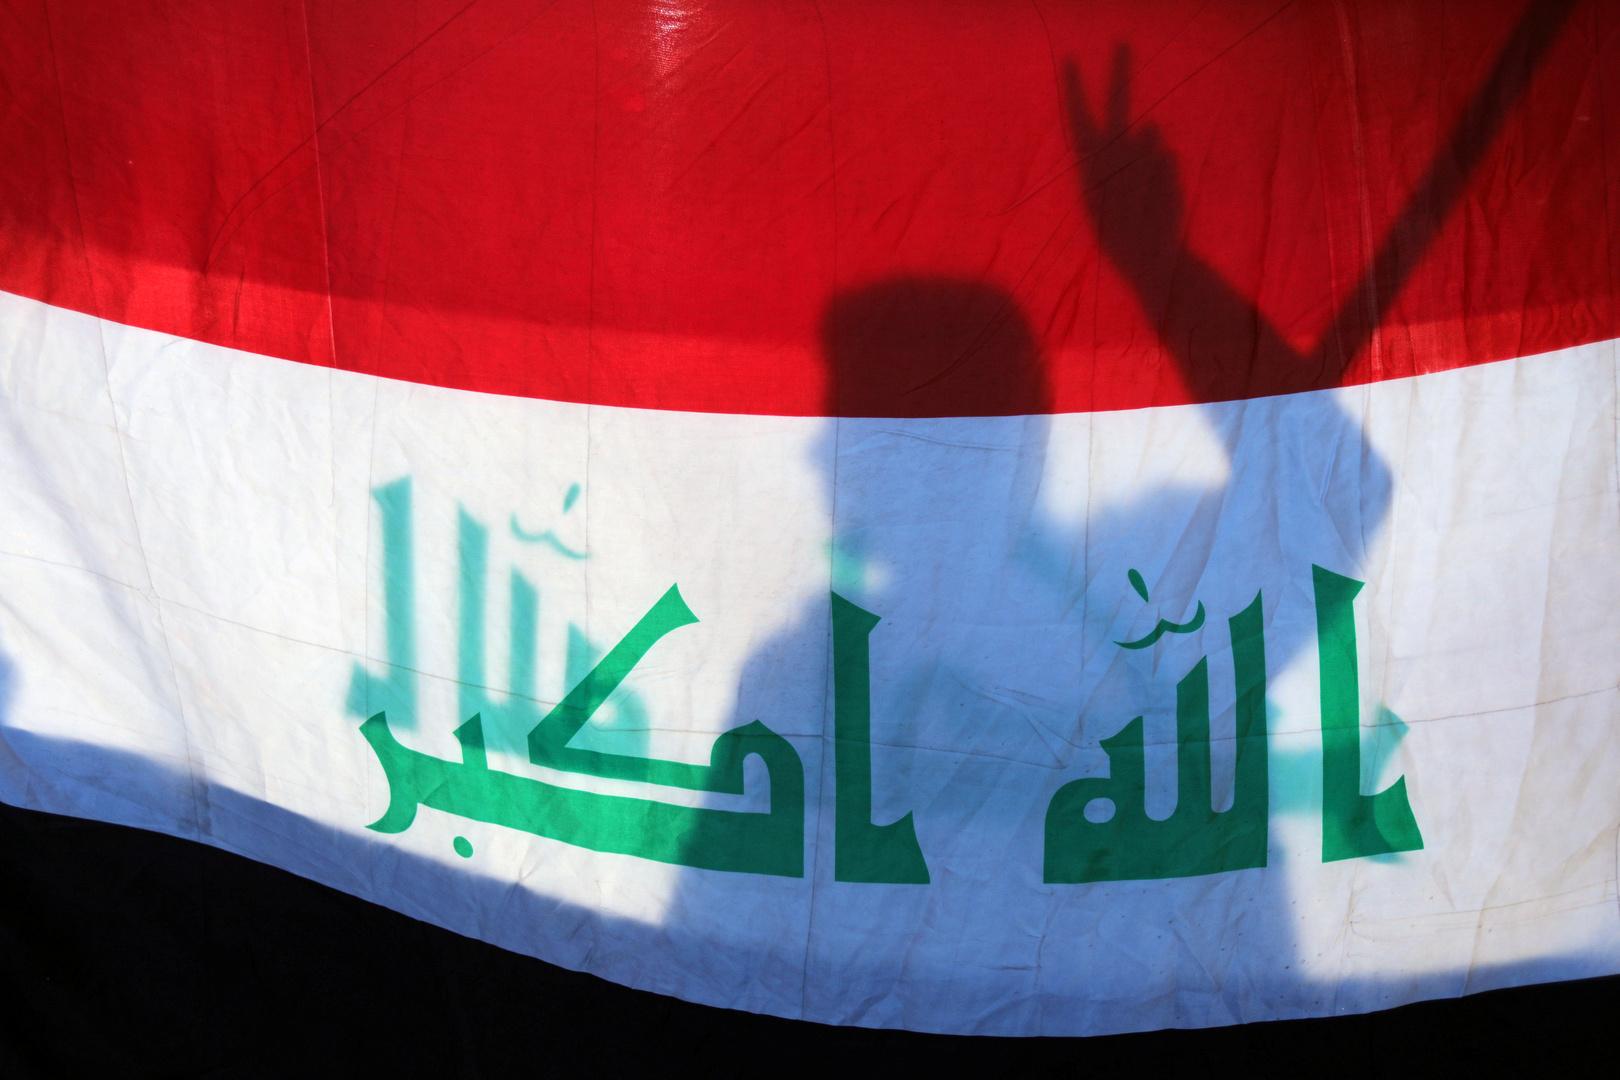 العراق.. 6 أسماء مرشحة لخلافة المهندس